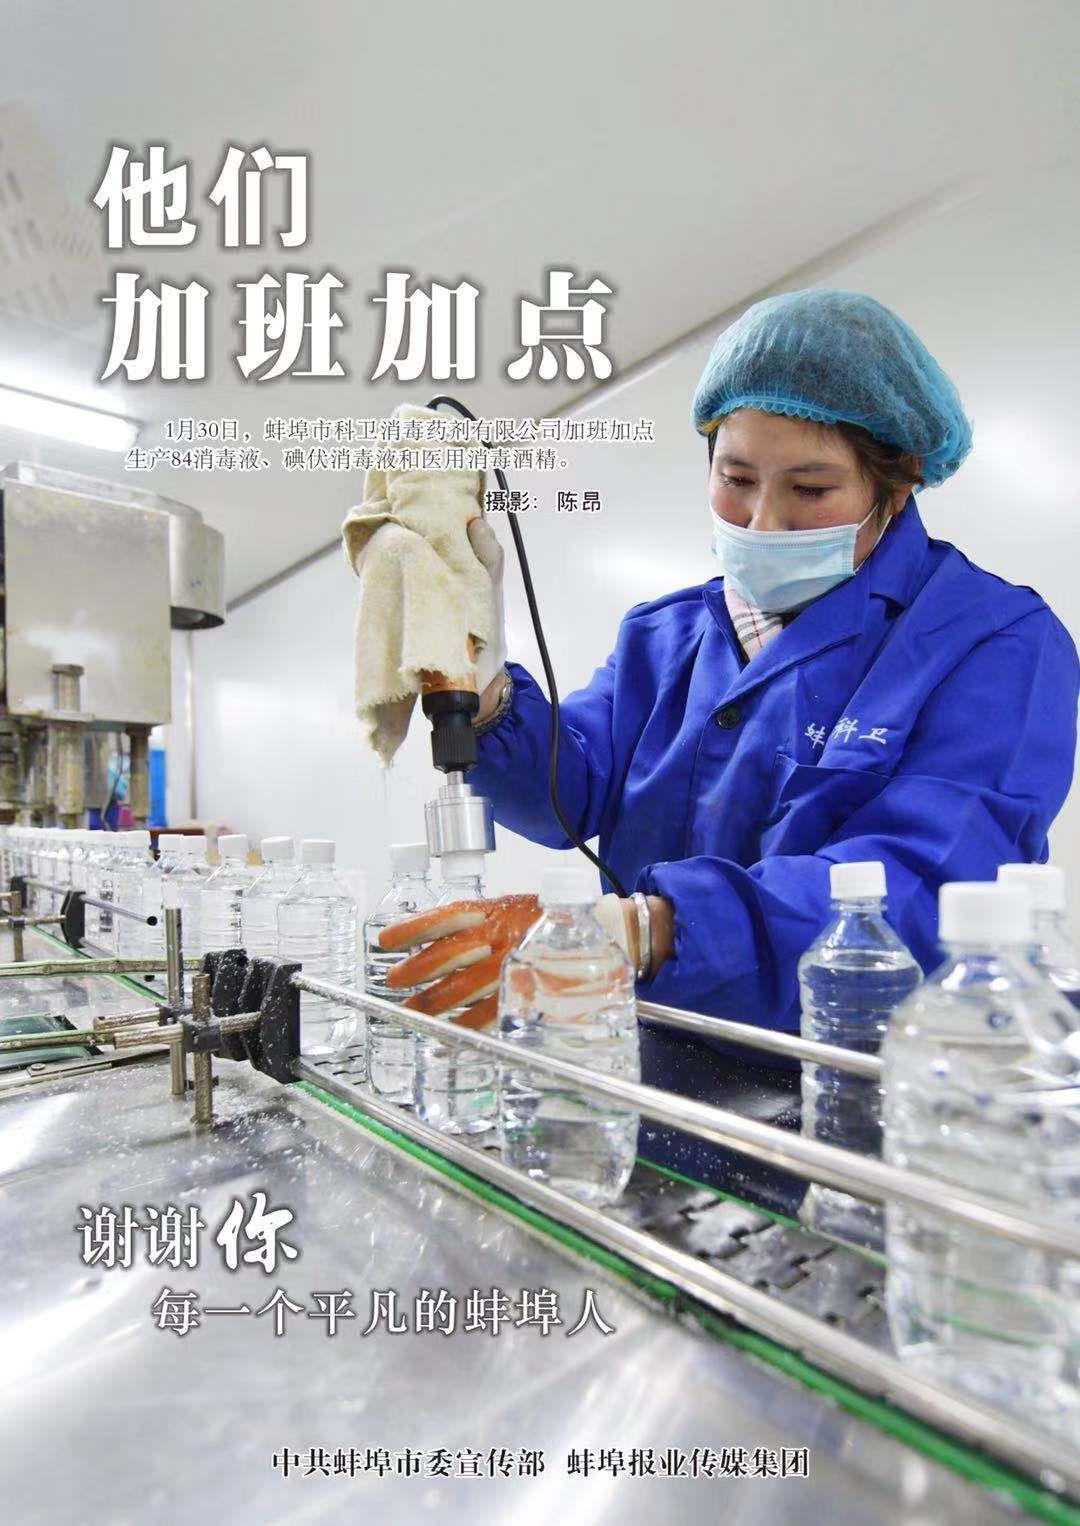 """蚌埠:向一线战""""疫""""工作者道一声 """"谢谢你们!"""" 作者: 来源:凤凰网安徽综合"""